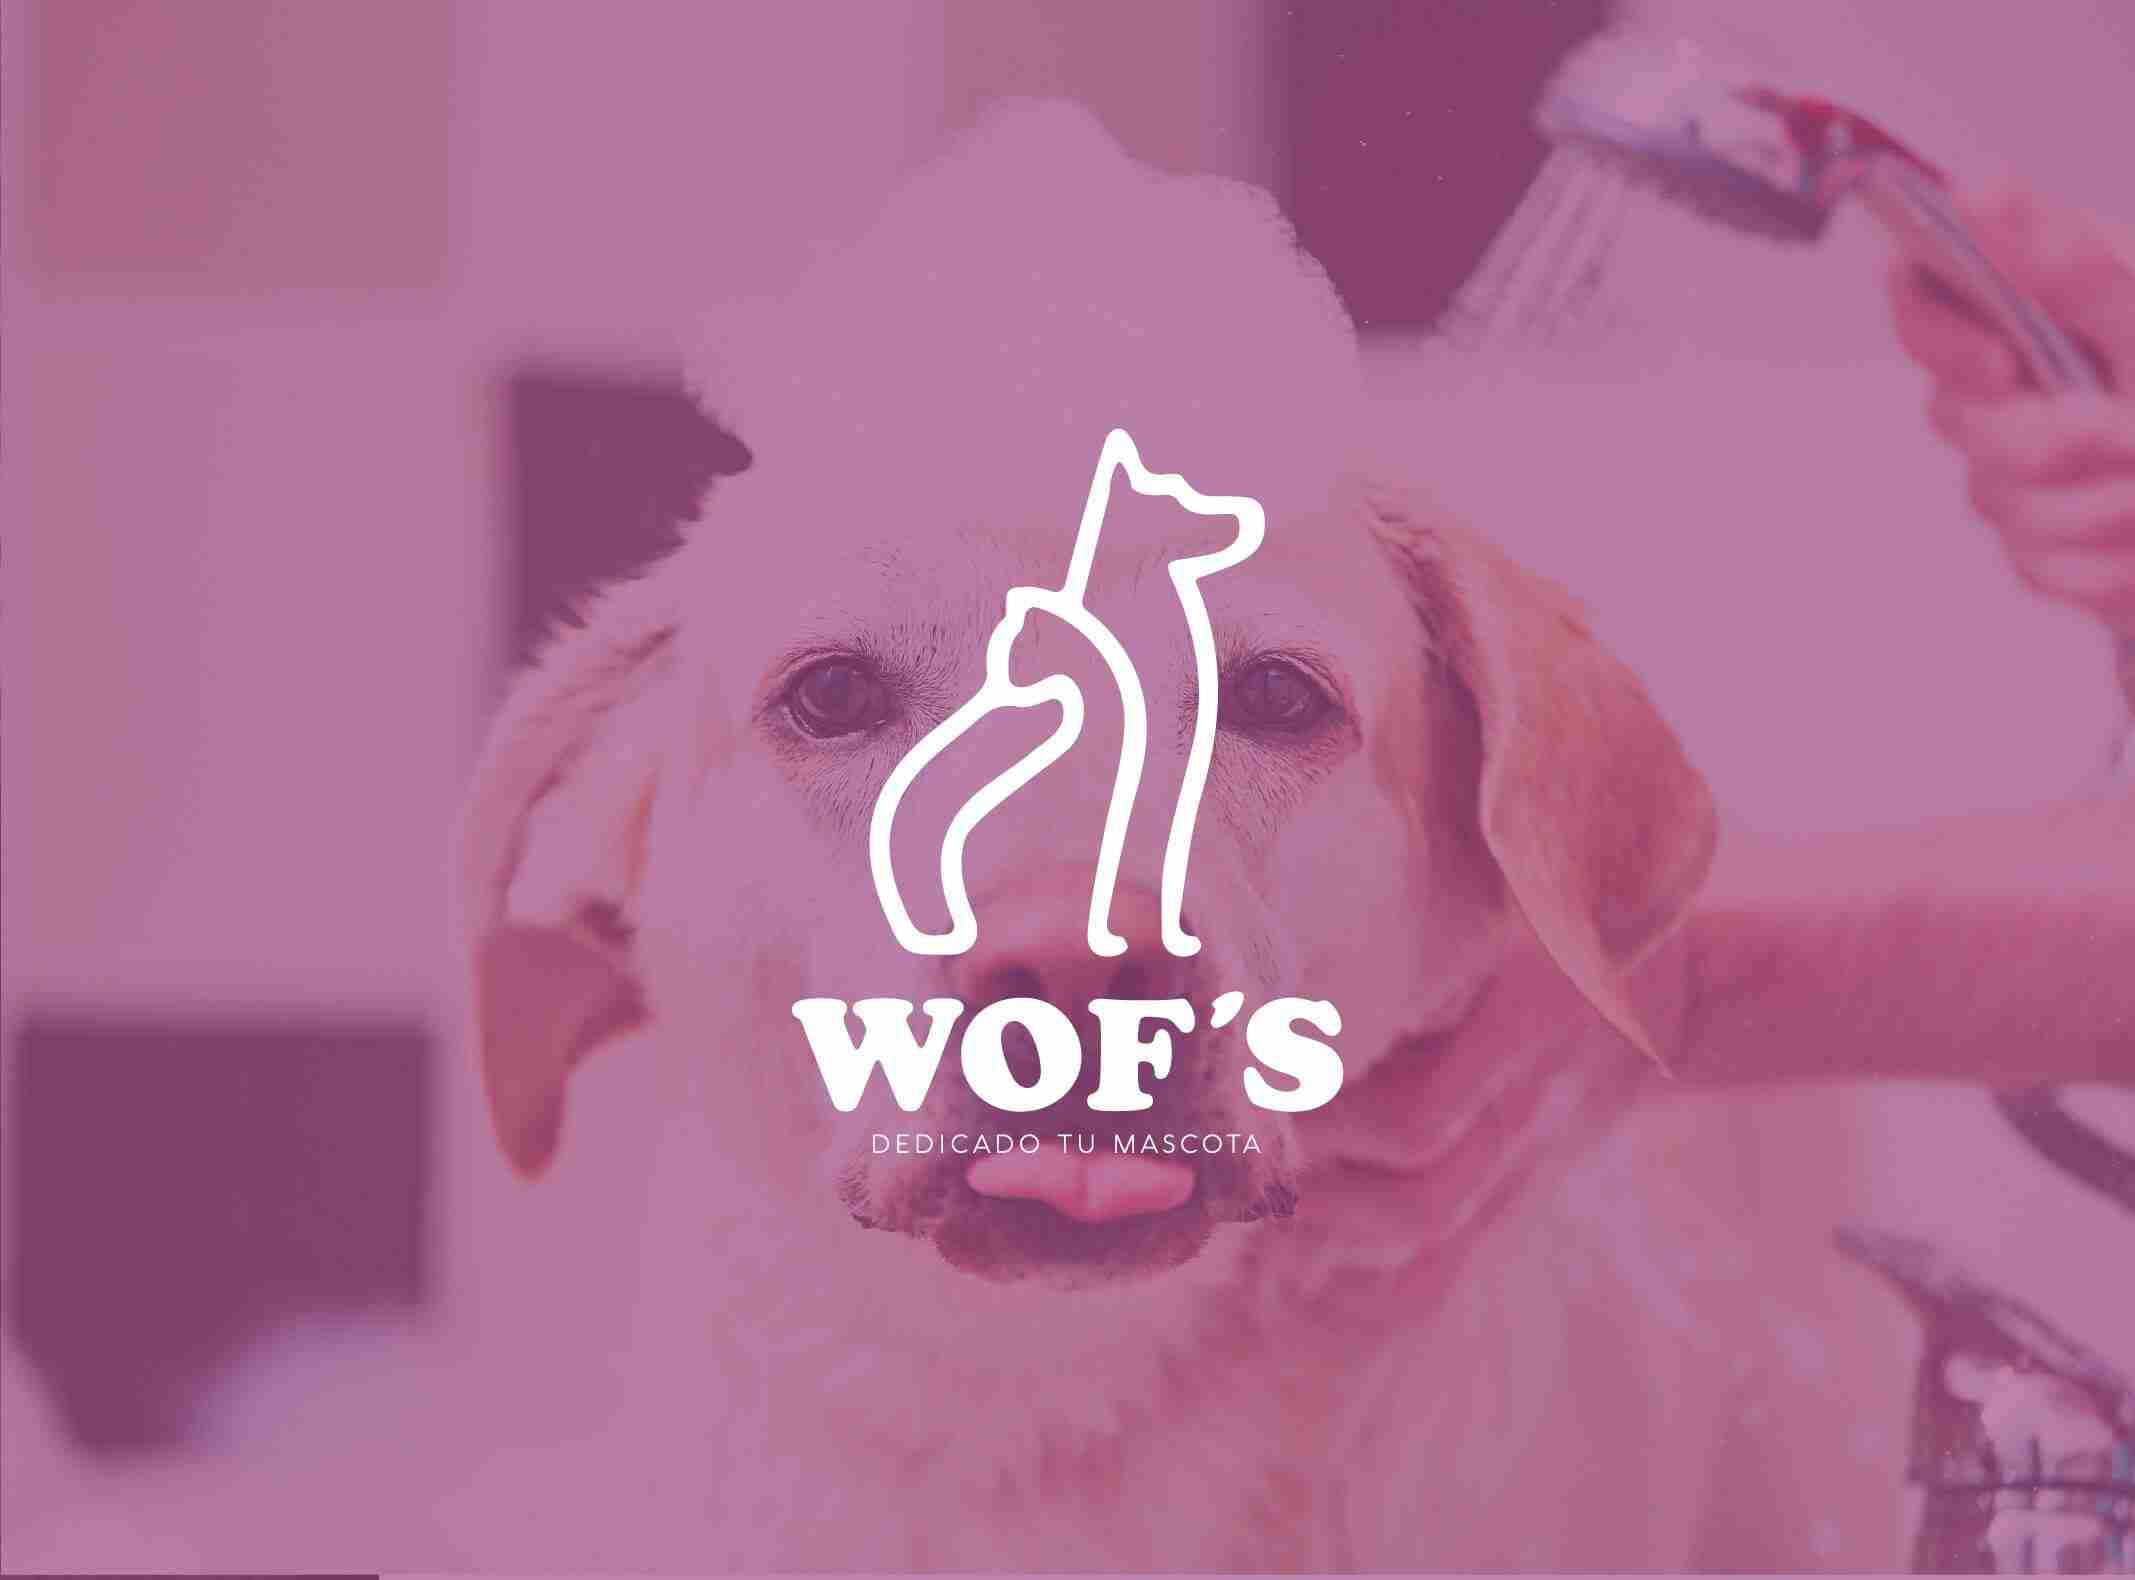 WOF'S